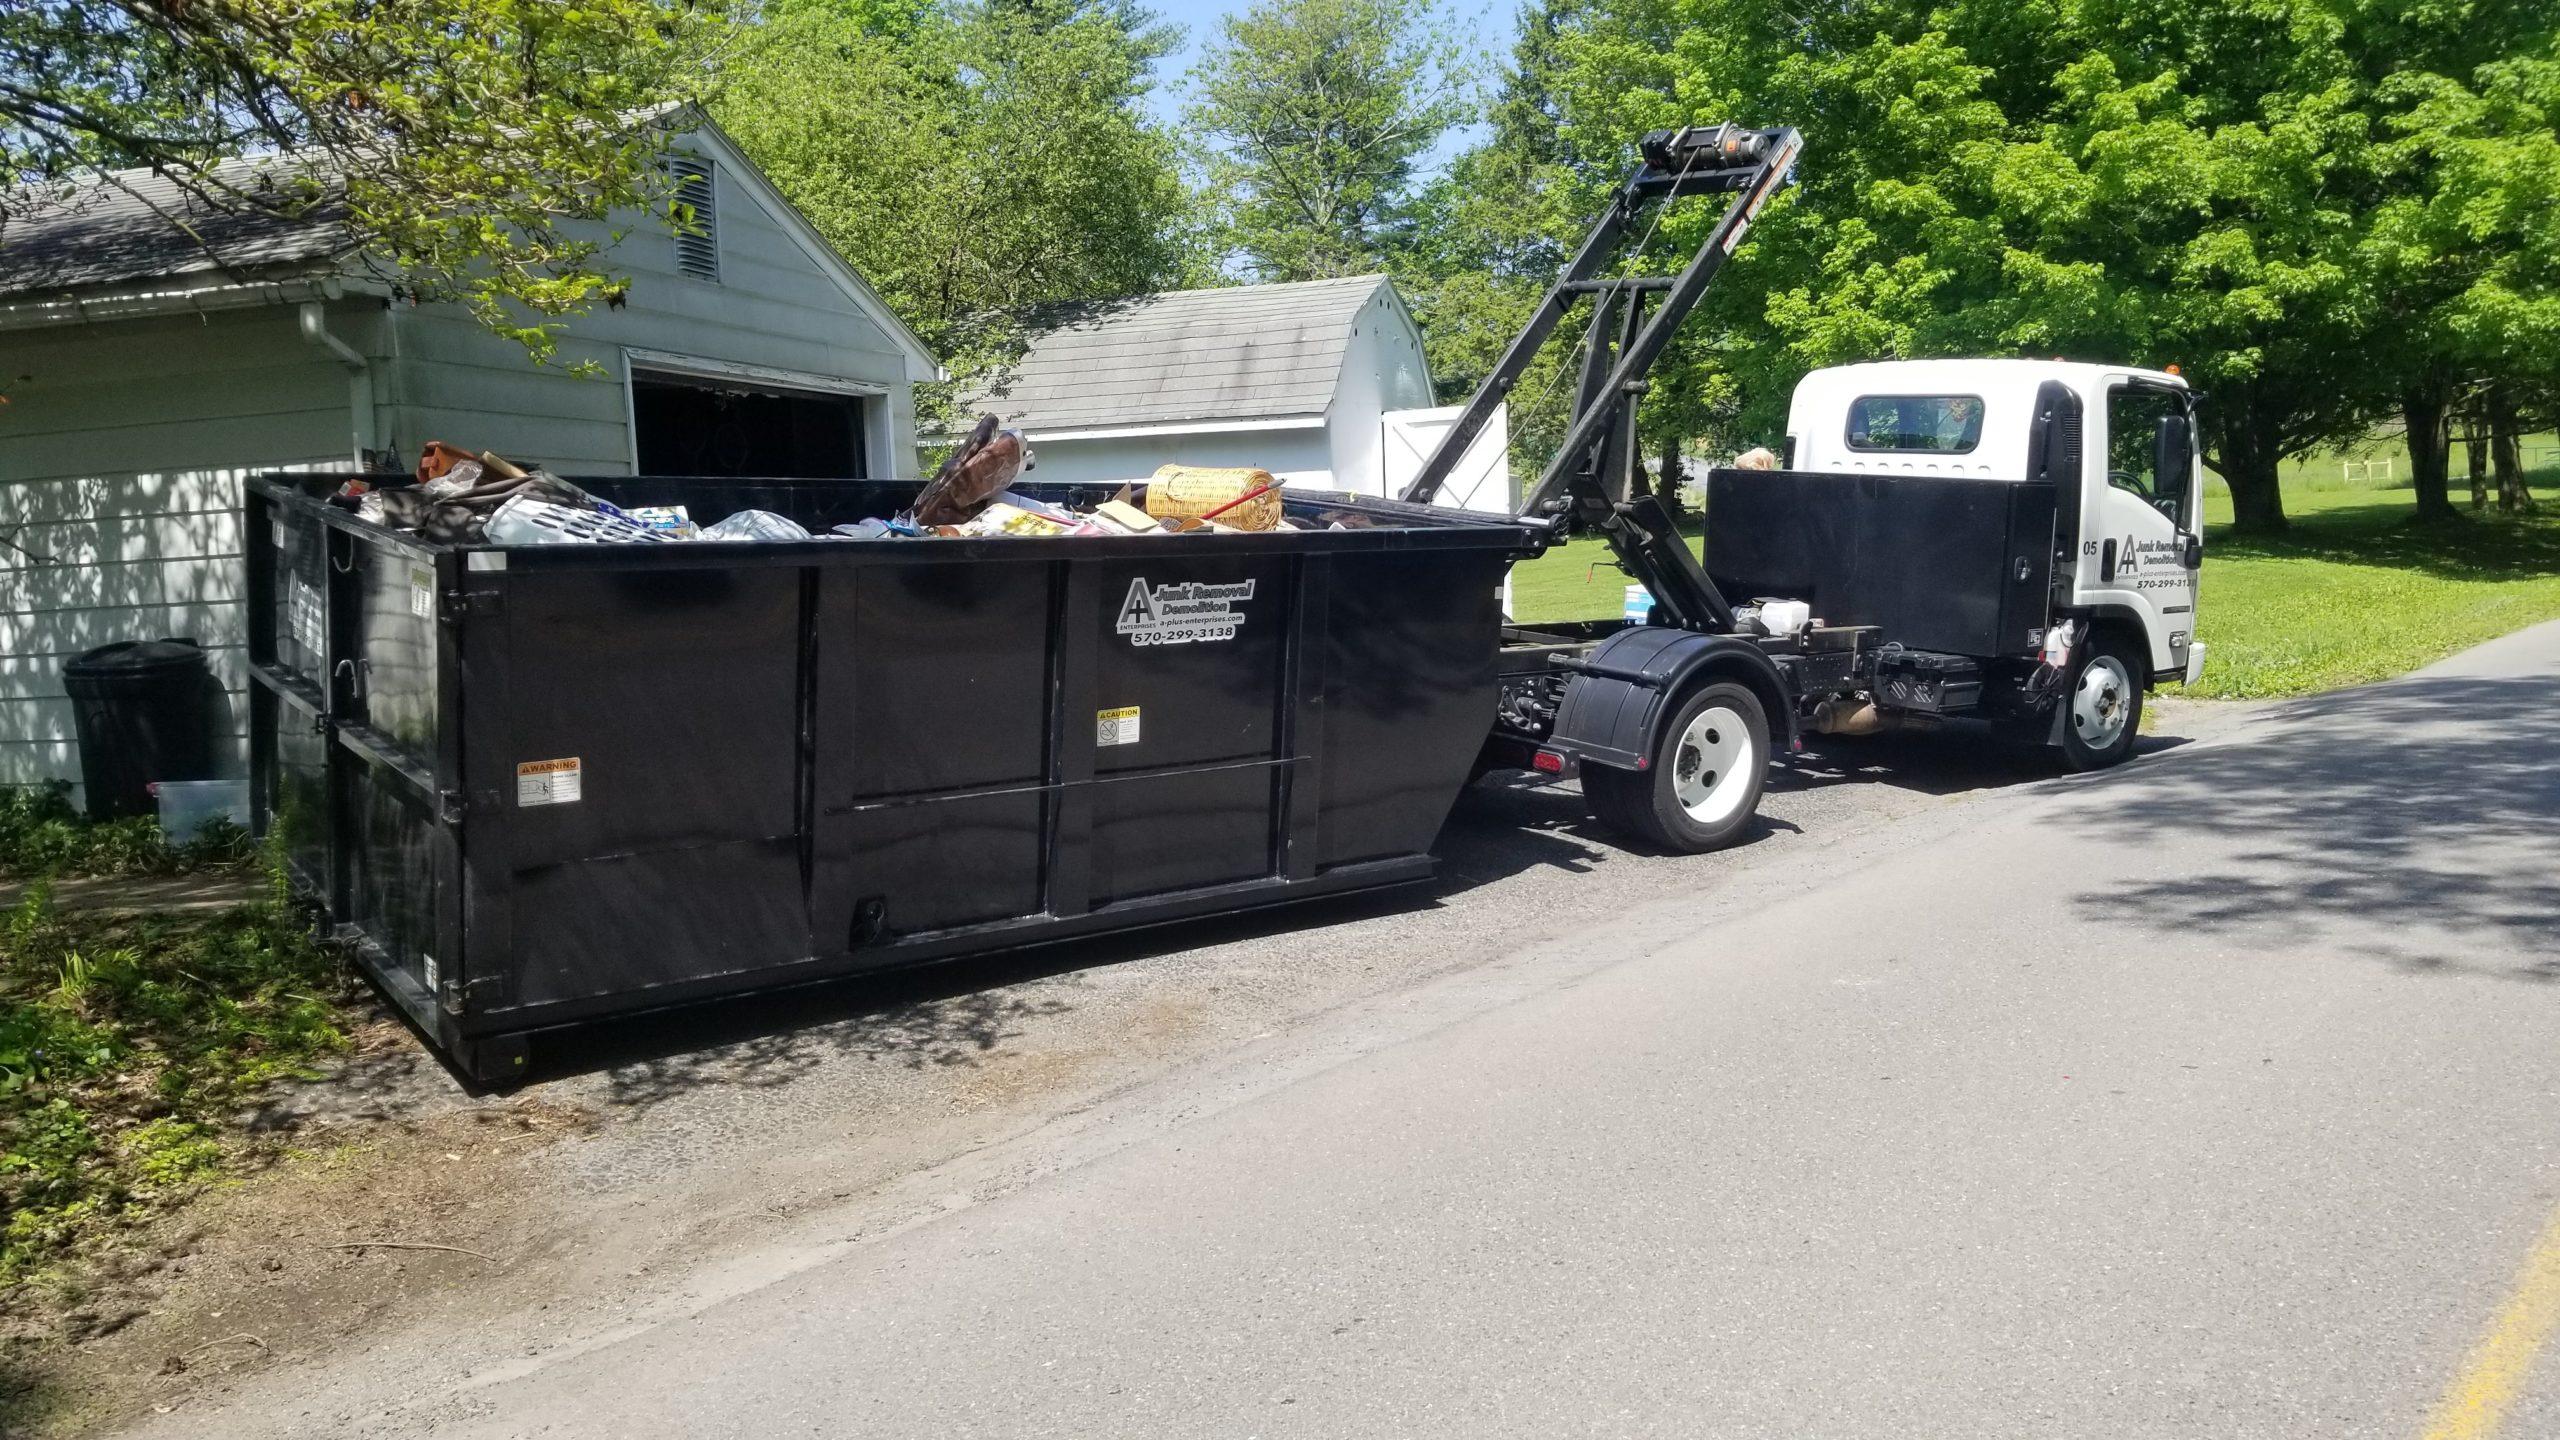 Dumpster Rental Company in Wilkes-Barre